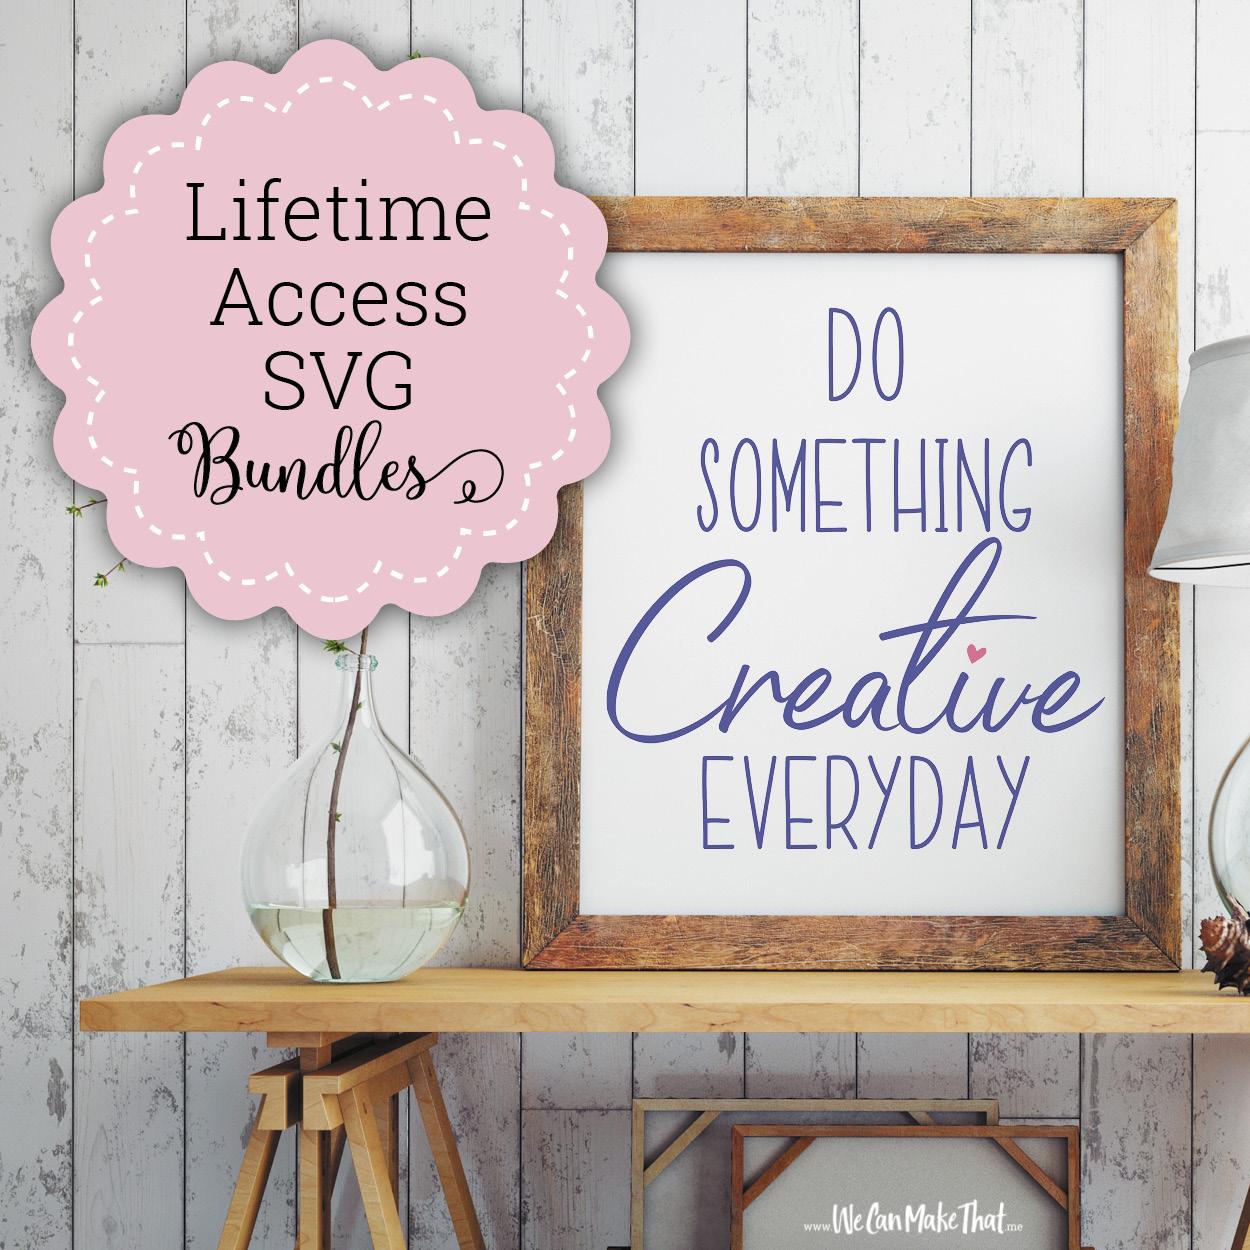 Lifetime Access SVG Bundles